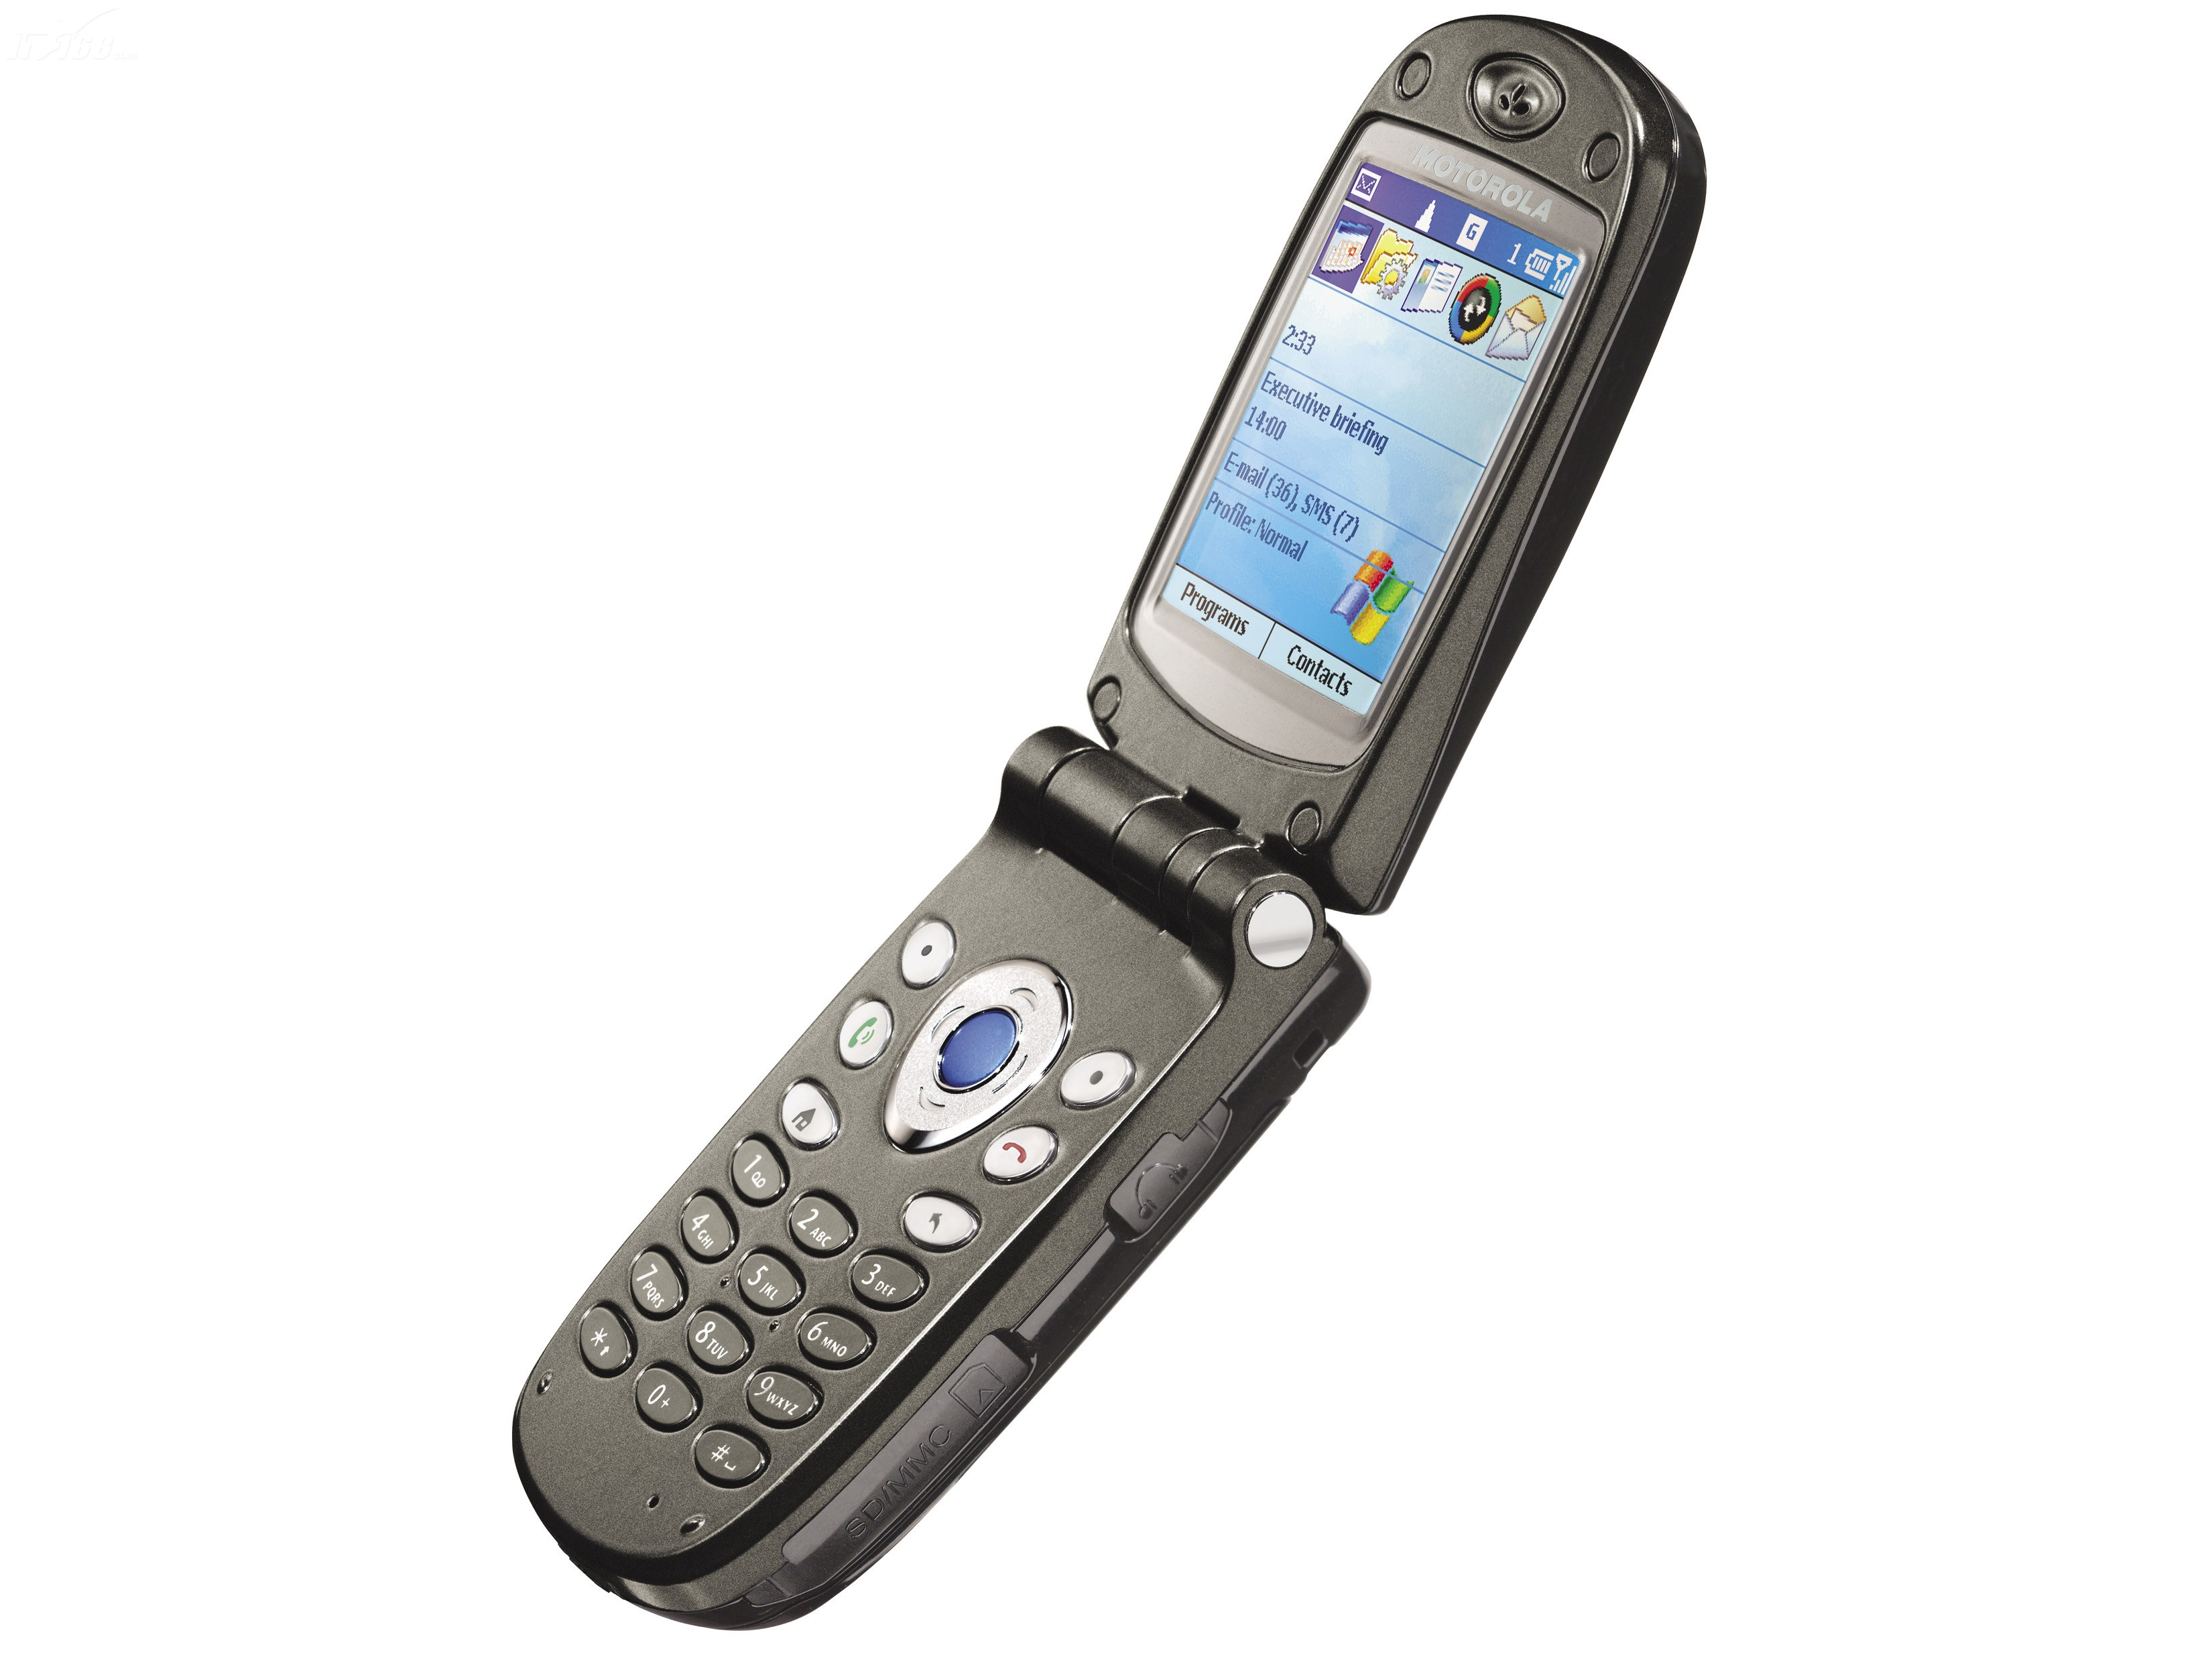 motompx200手机产品图片2素材-it168手机图片大全